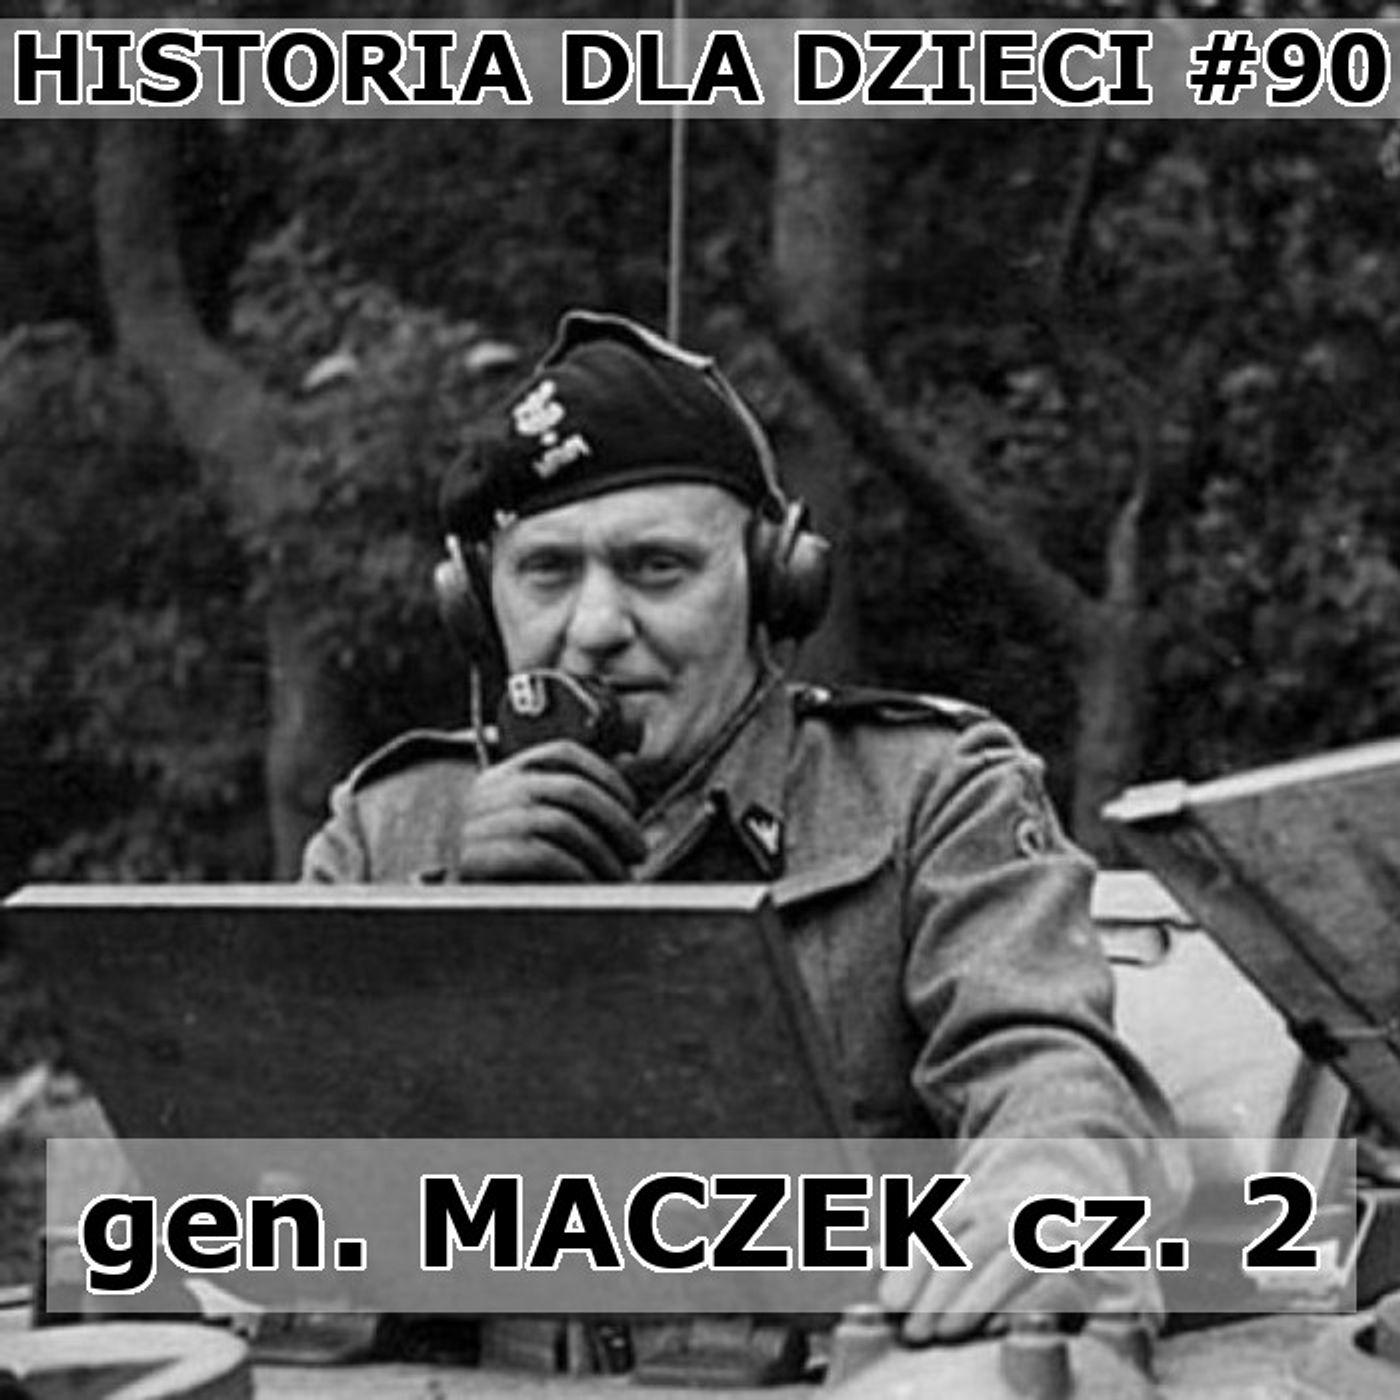 90 - gen Maczek cz. 2